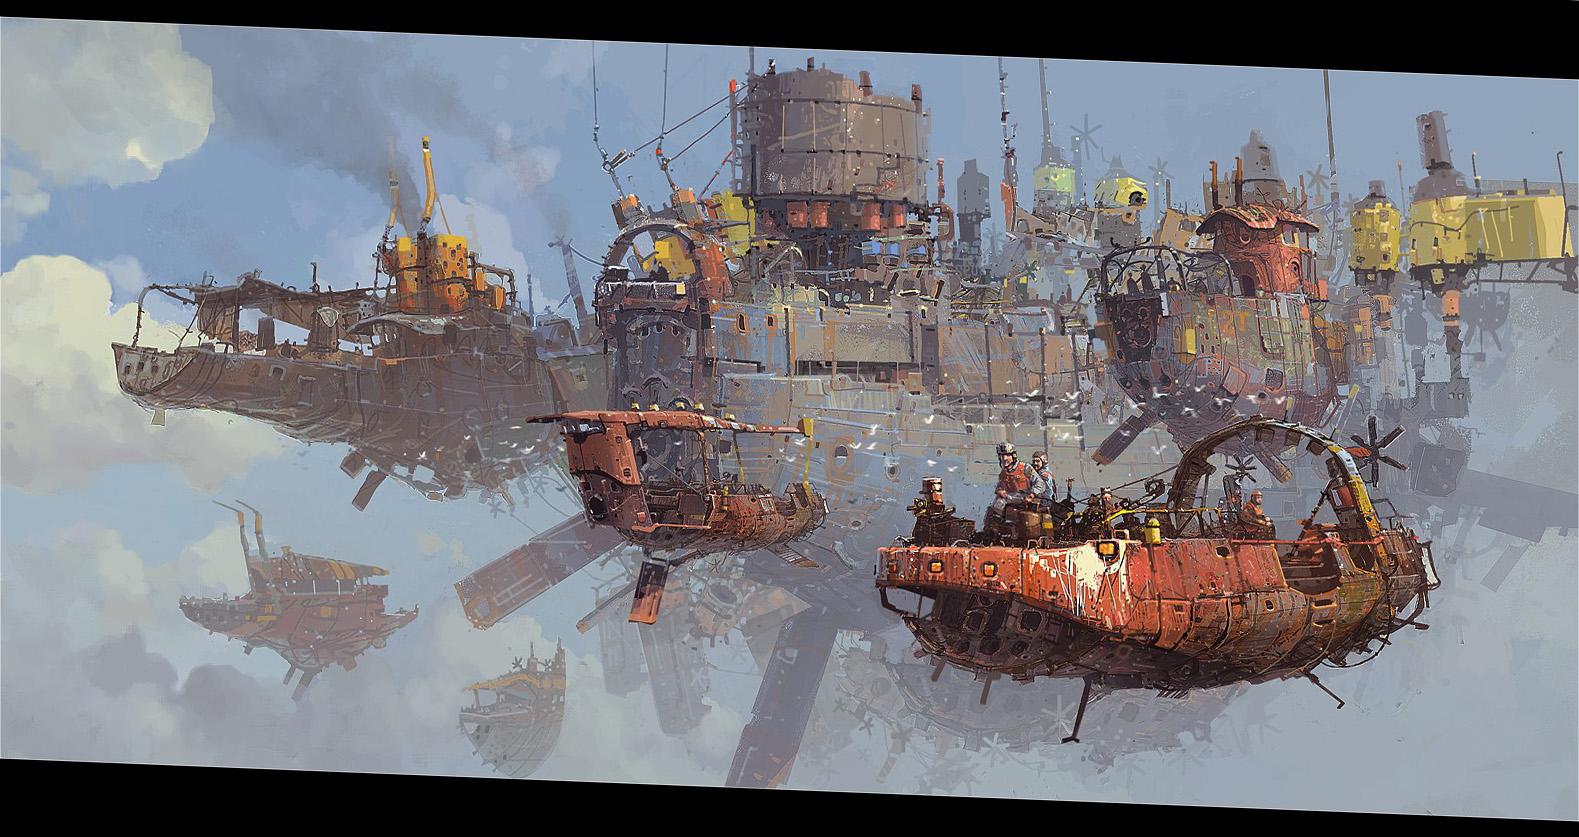 Sfondi la pittura corazzata arte sfondo del computer for Immagini astratte hd